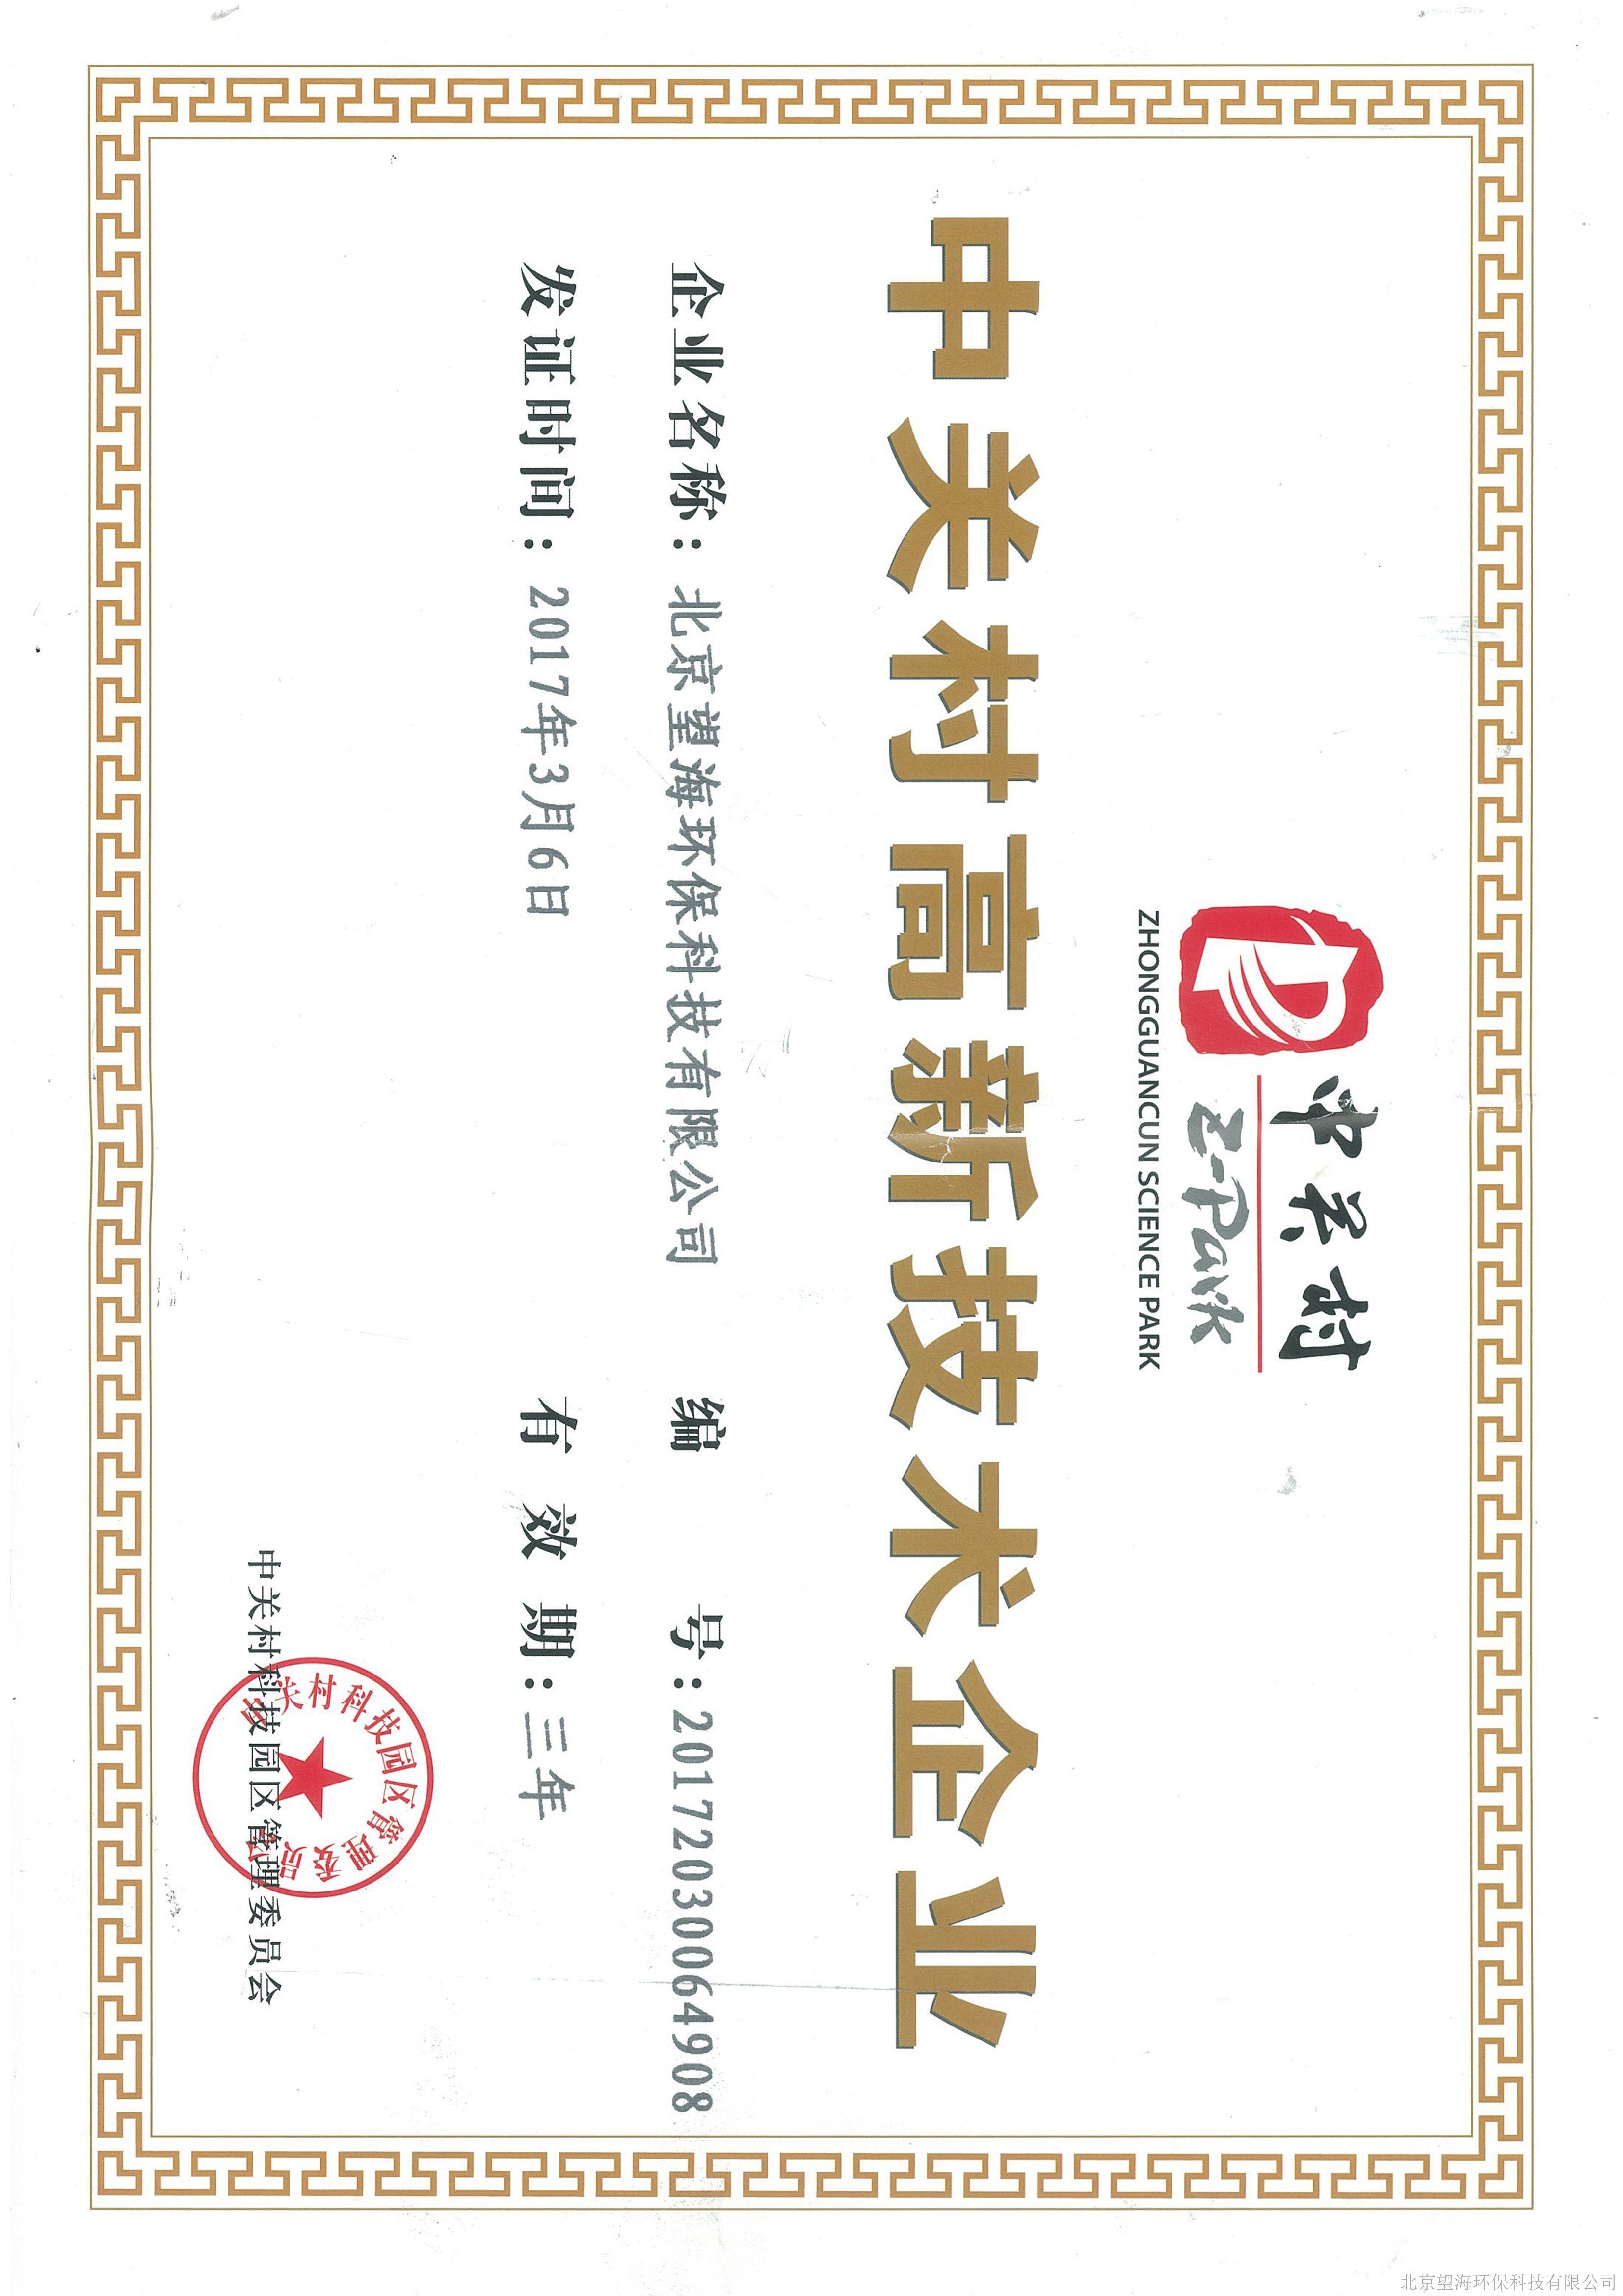 威尼斯正规官网企业认证